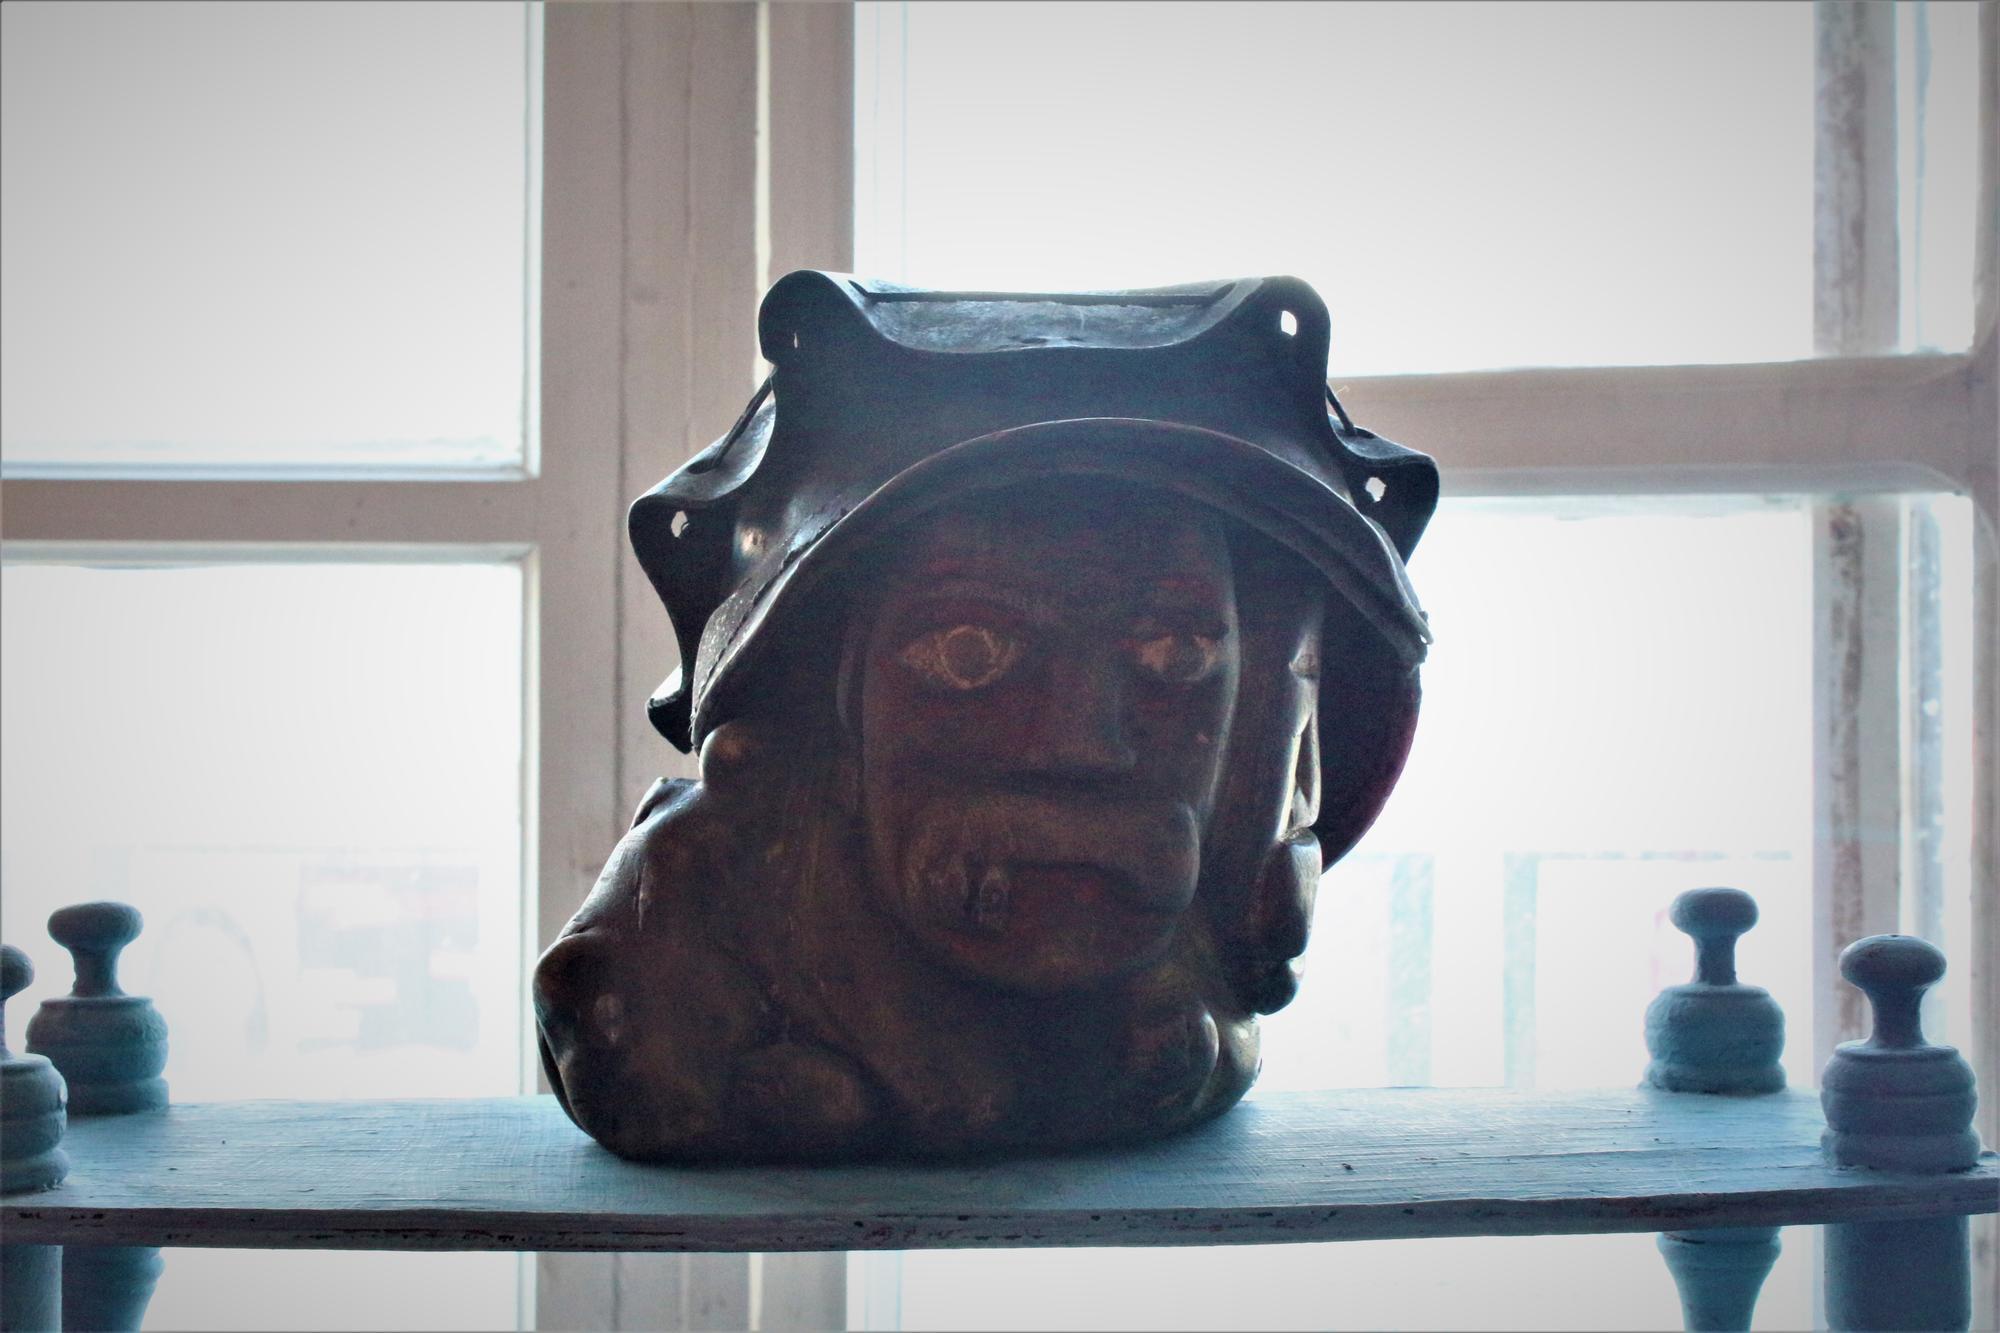 Скульптура Тараса Шевченка в автентичному шахтарському капелюсі. Фото: Вільне радіо